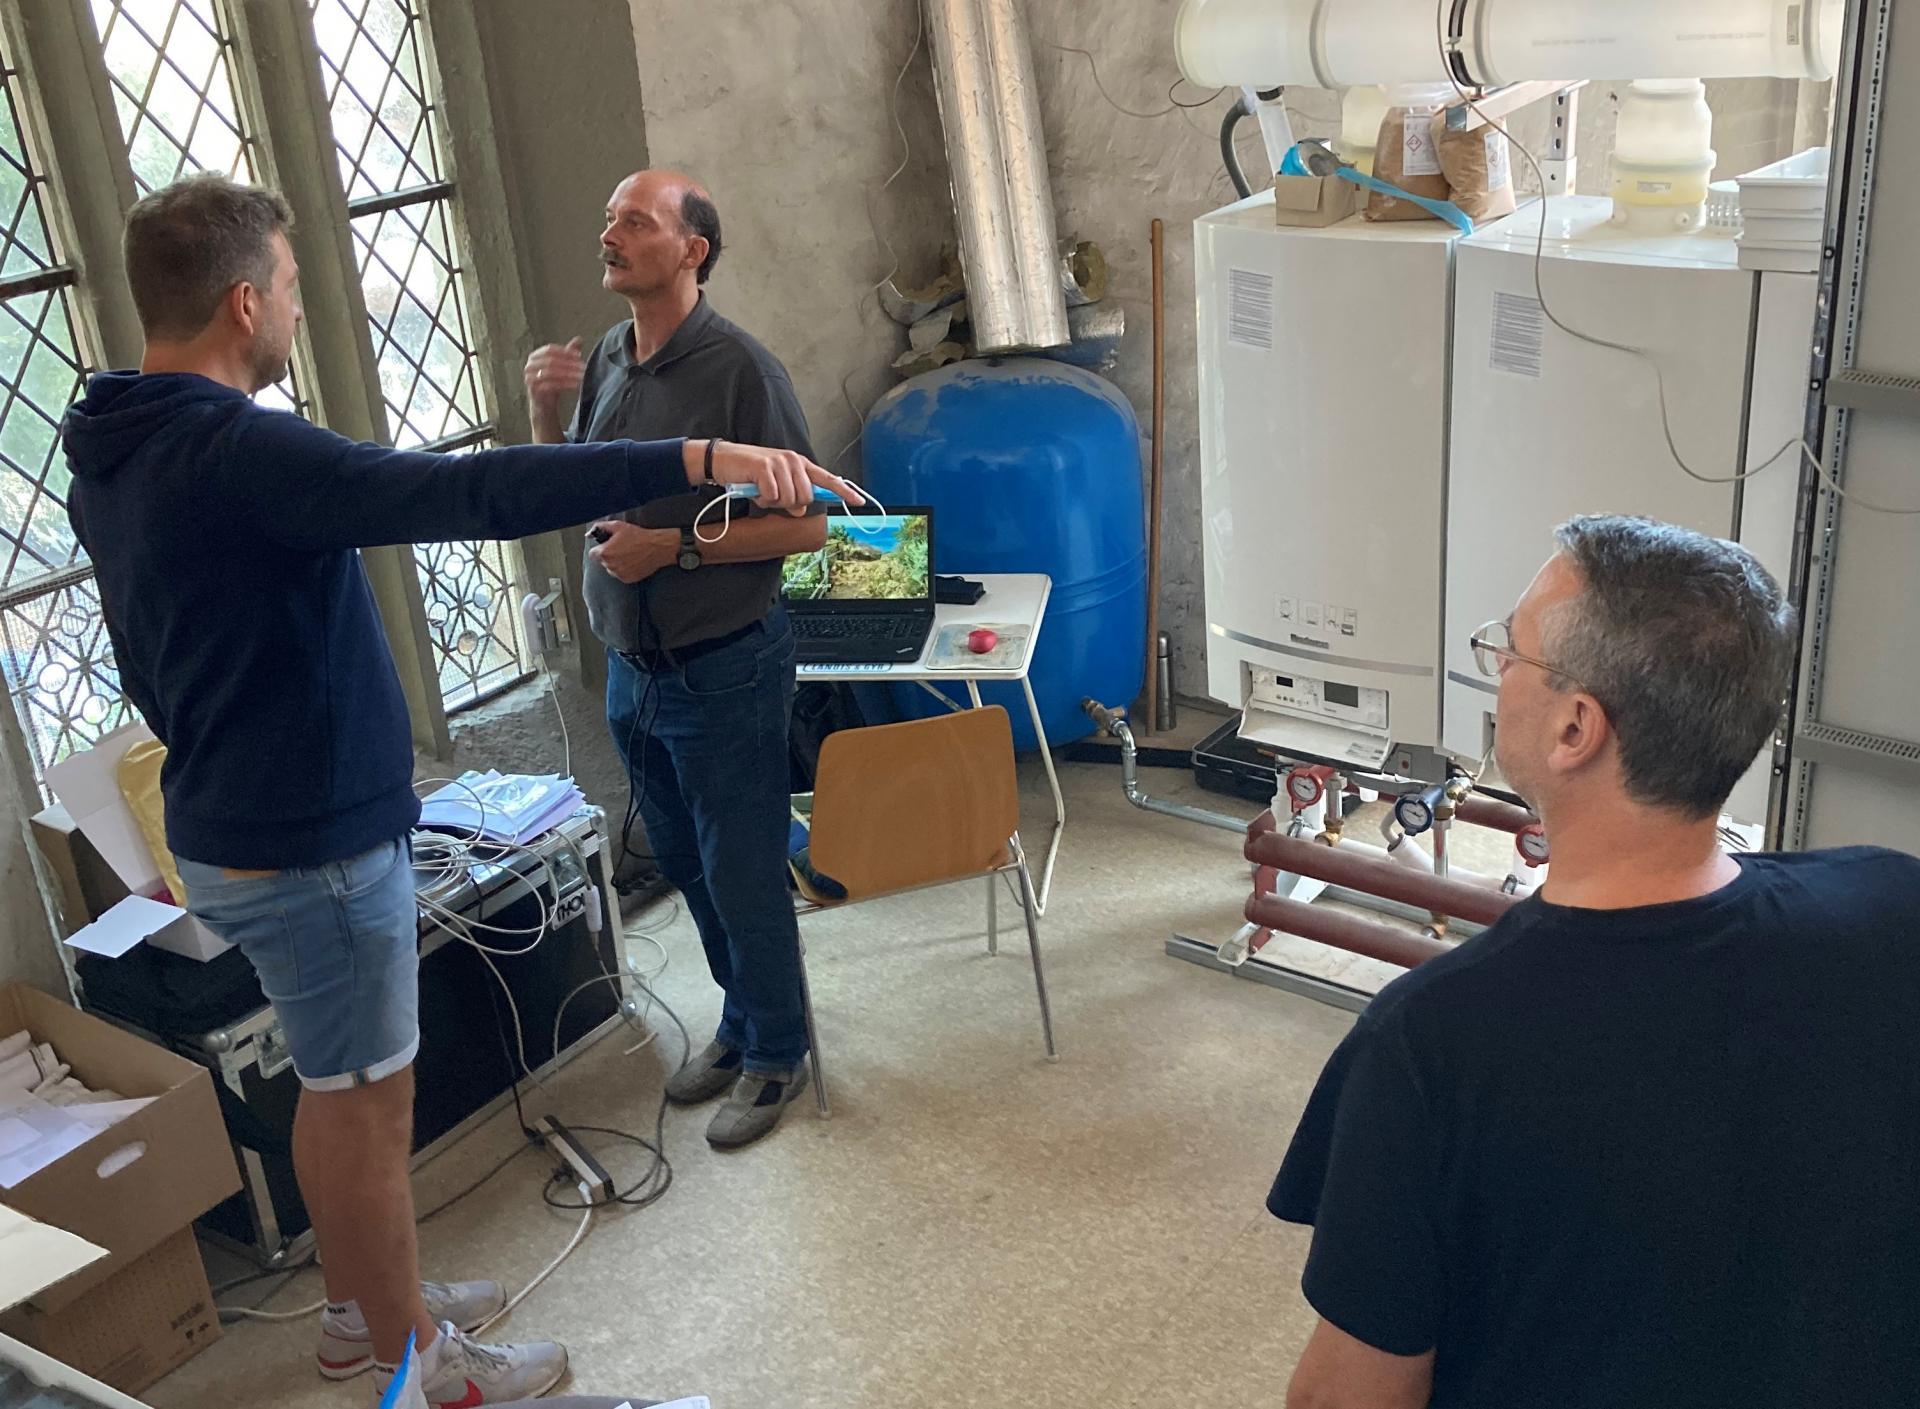 Wir befinden uns im Heizungsraum mit den drei Heizkesseln. Herr Schneider, Benjamin Dippel und Sönke Ehrhardt hören zu und ergänzen.